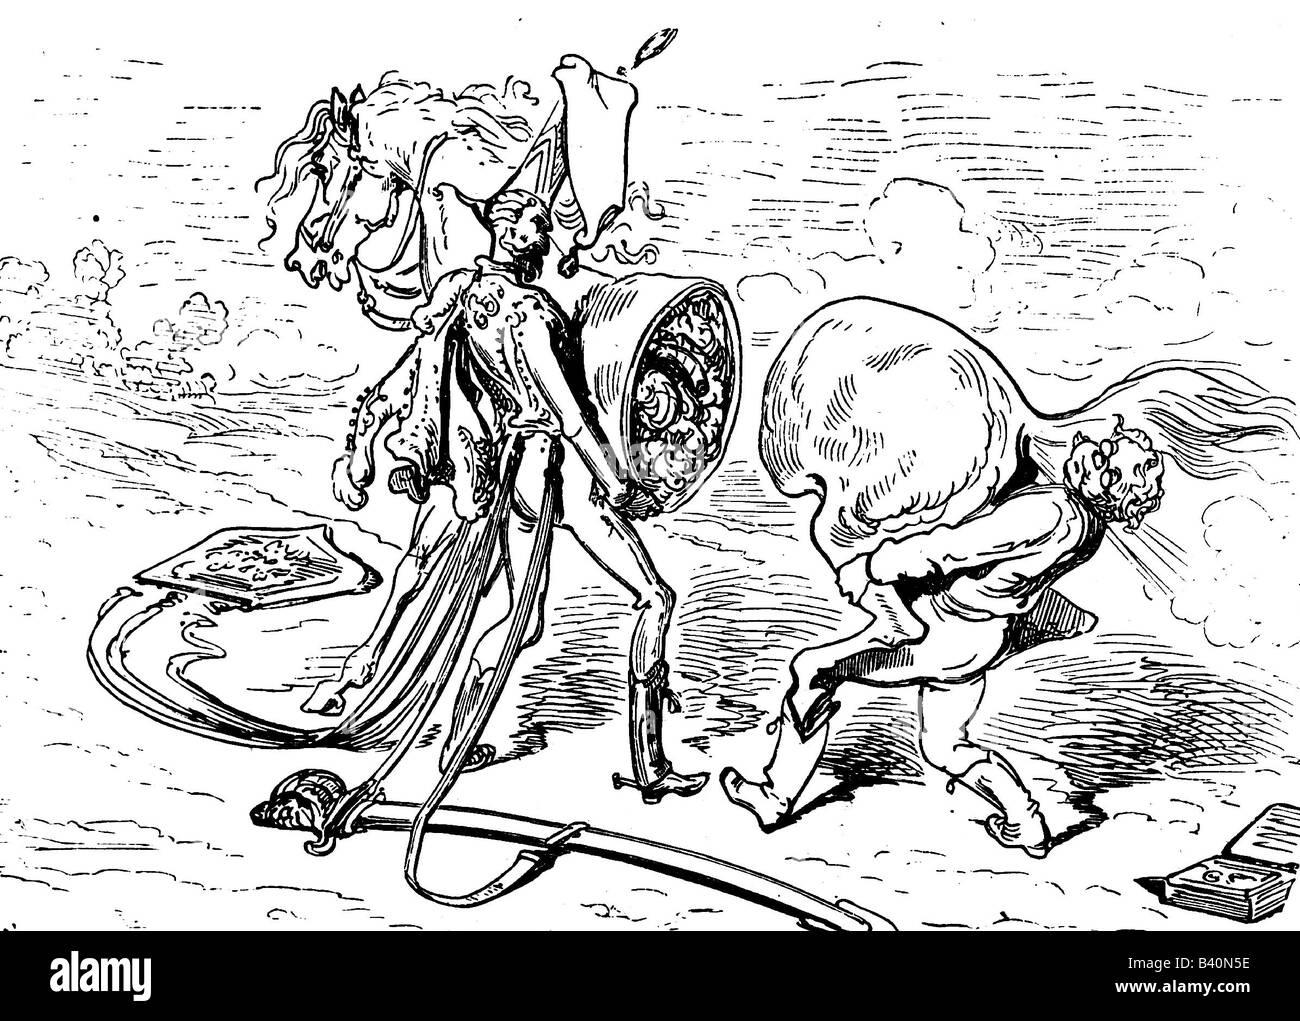 Münchhausen, Barón Karl Friedrich Hieronymus, Freiherr von, 11.5.1720 - 22.2.1797, escena de sus aventuras: Reparación de caballos, grabado de madera siglo 19, Foto de stock